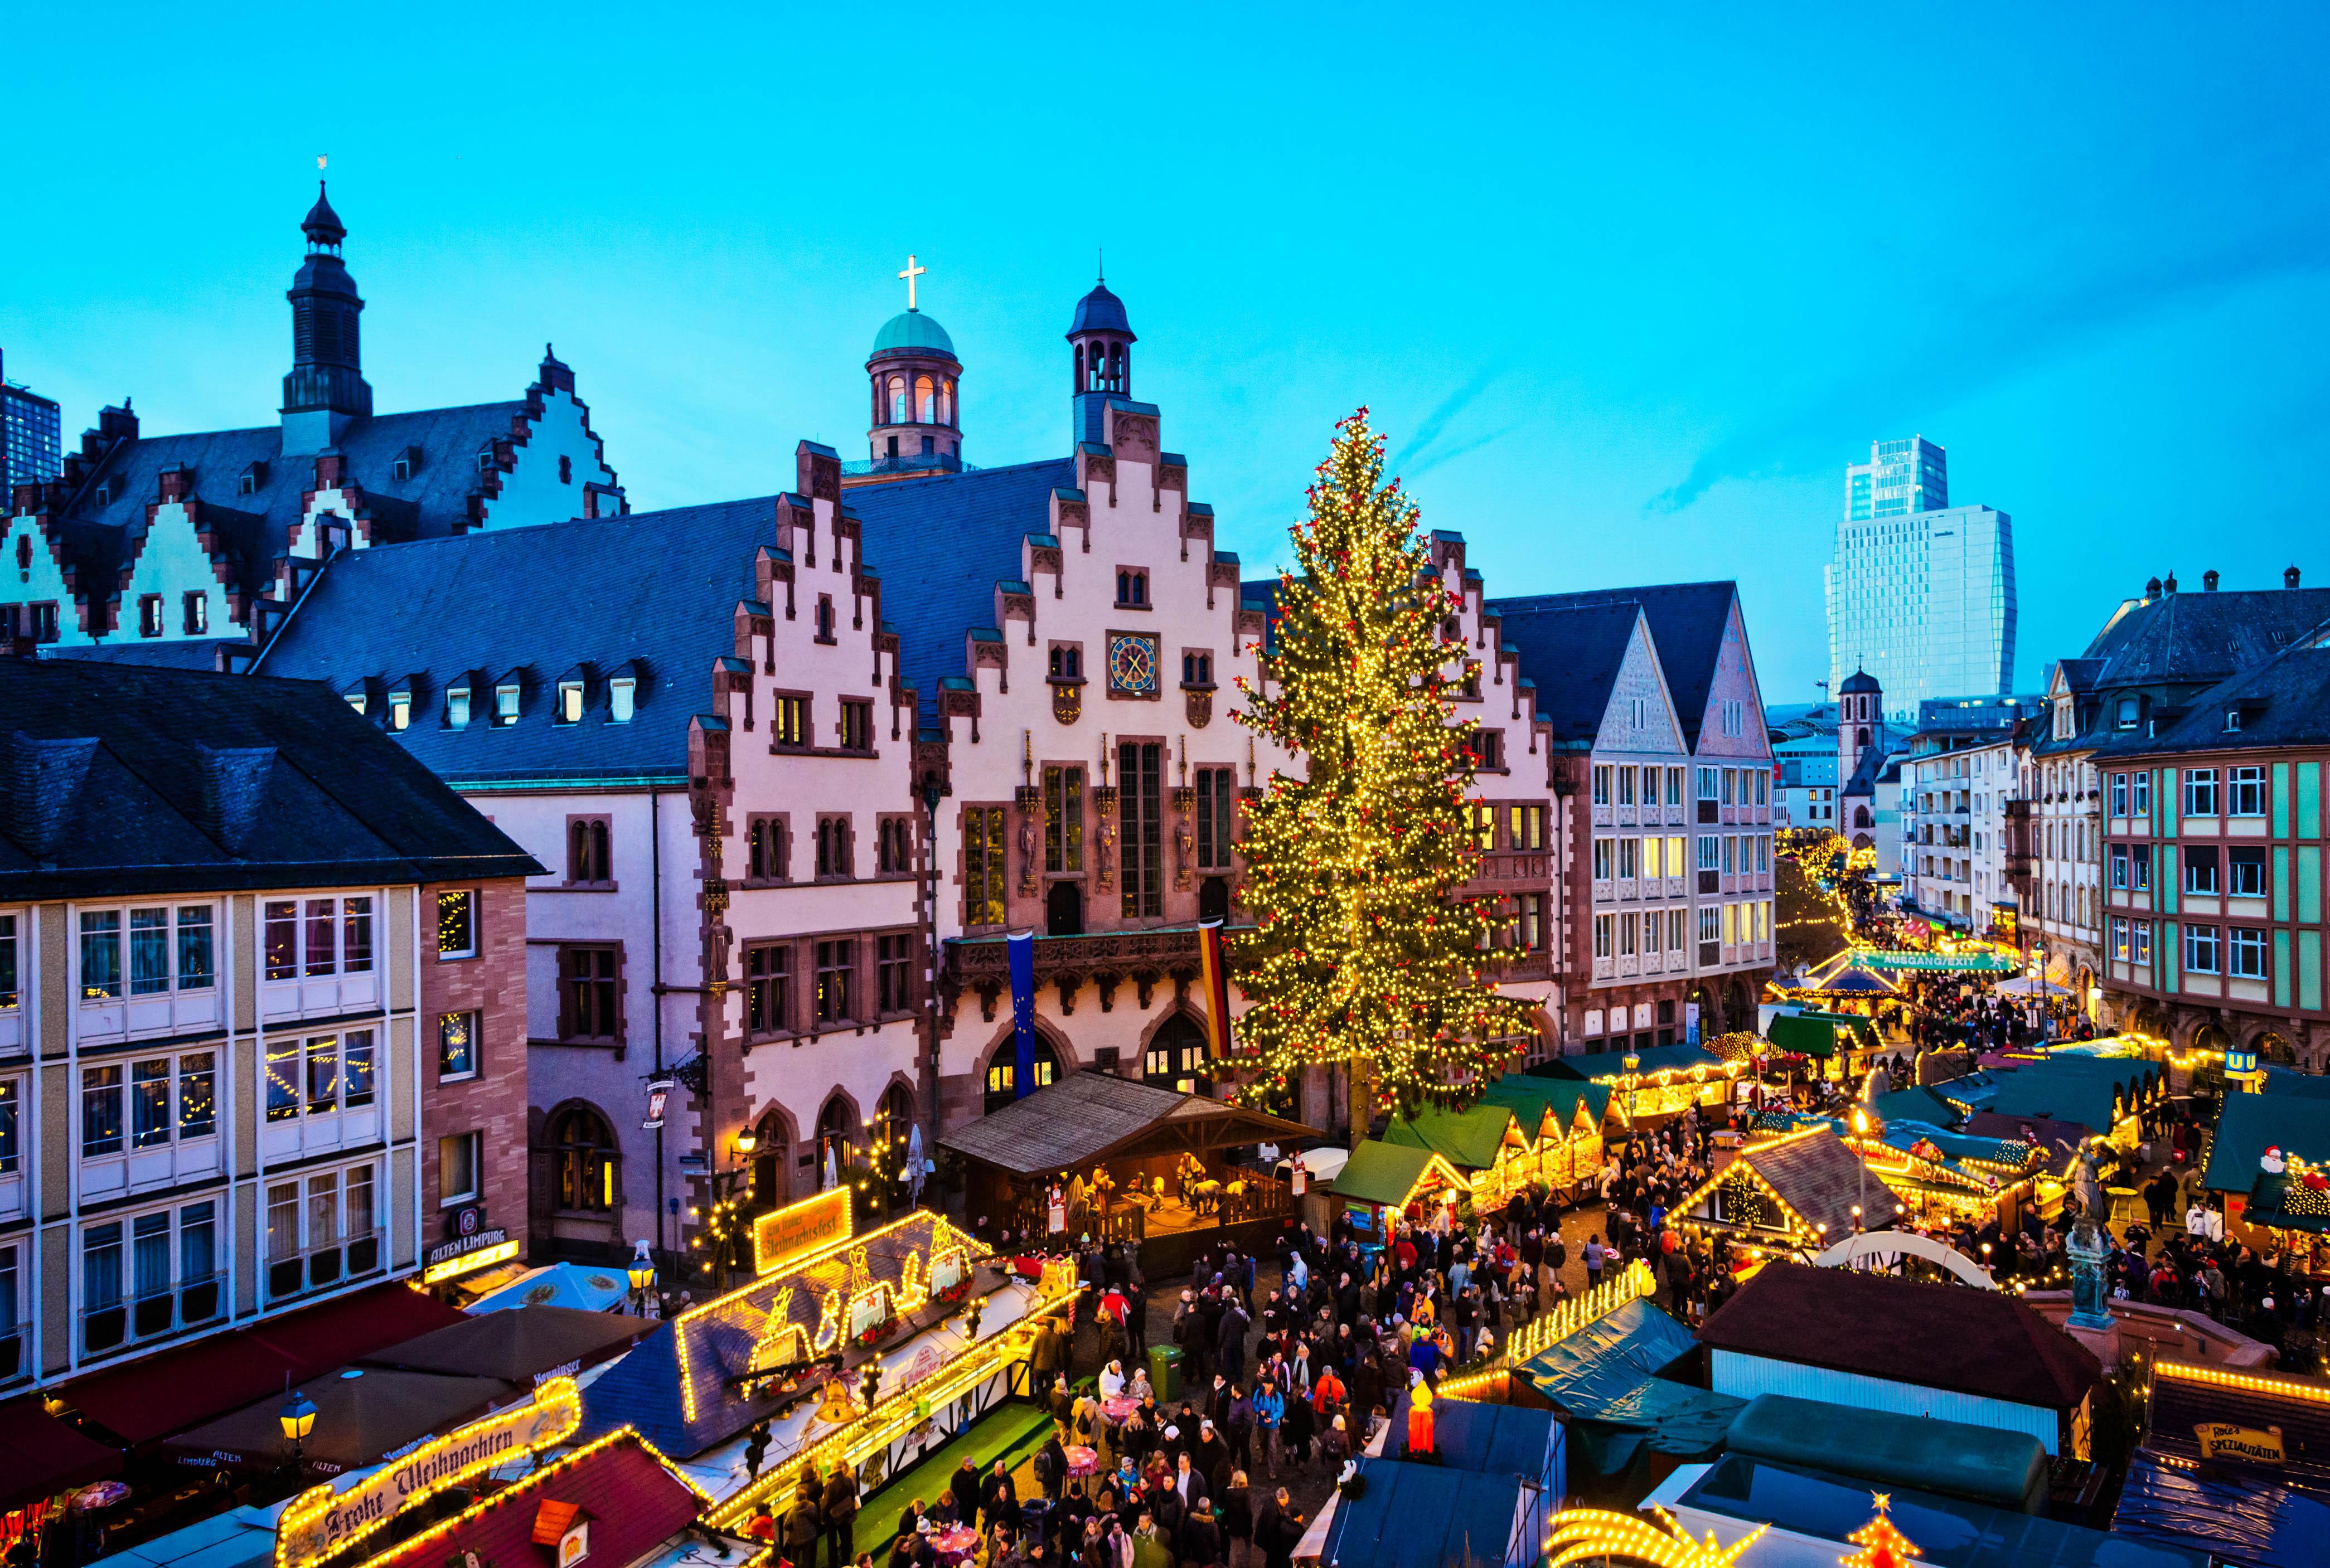 Conoce Los Mercados De Navidad Durante Este Viaje A Frankfurt